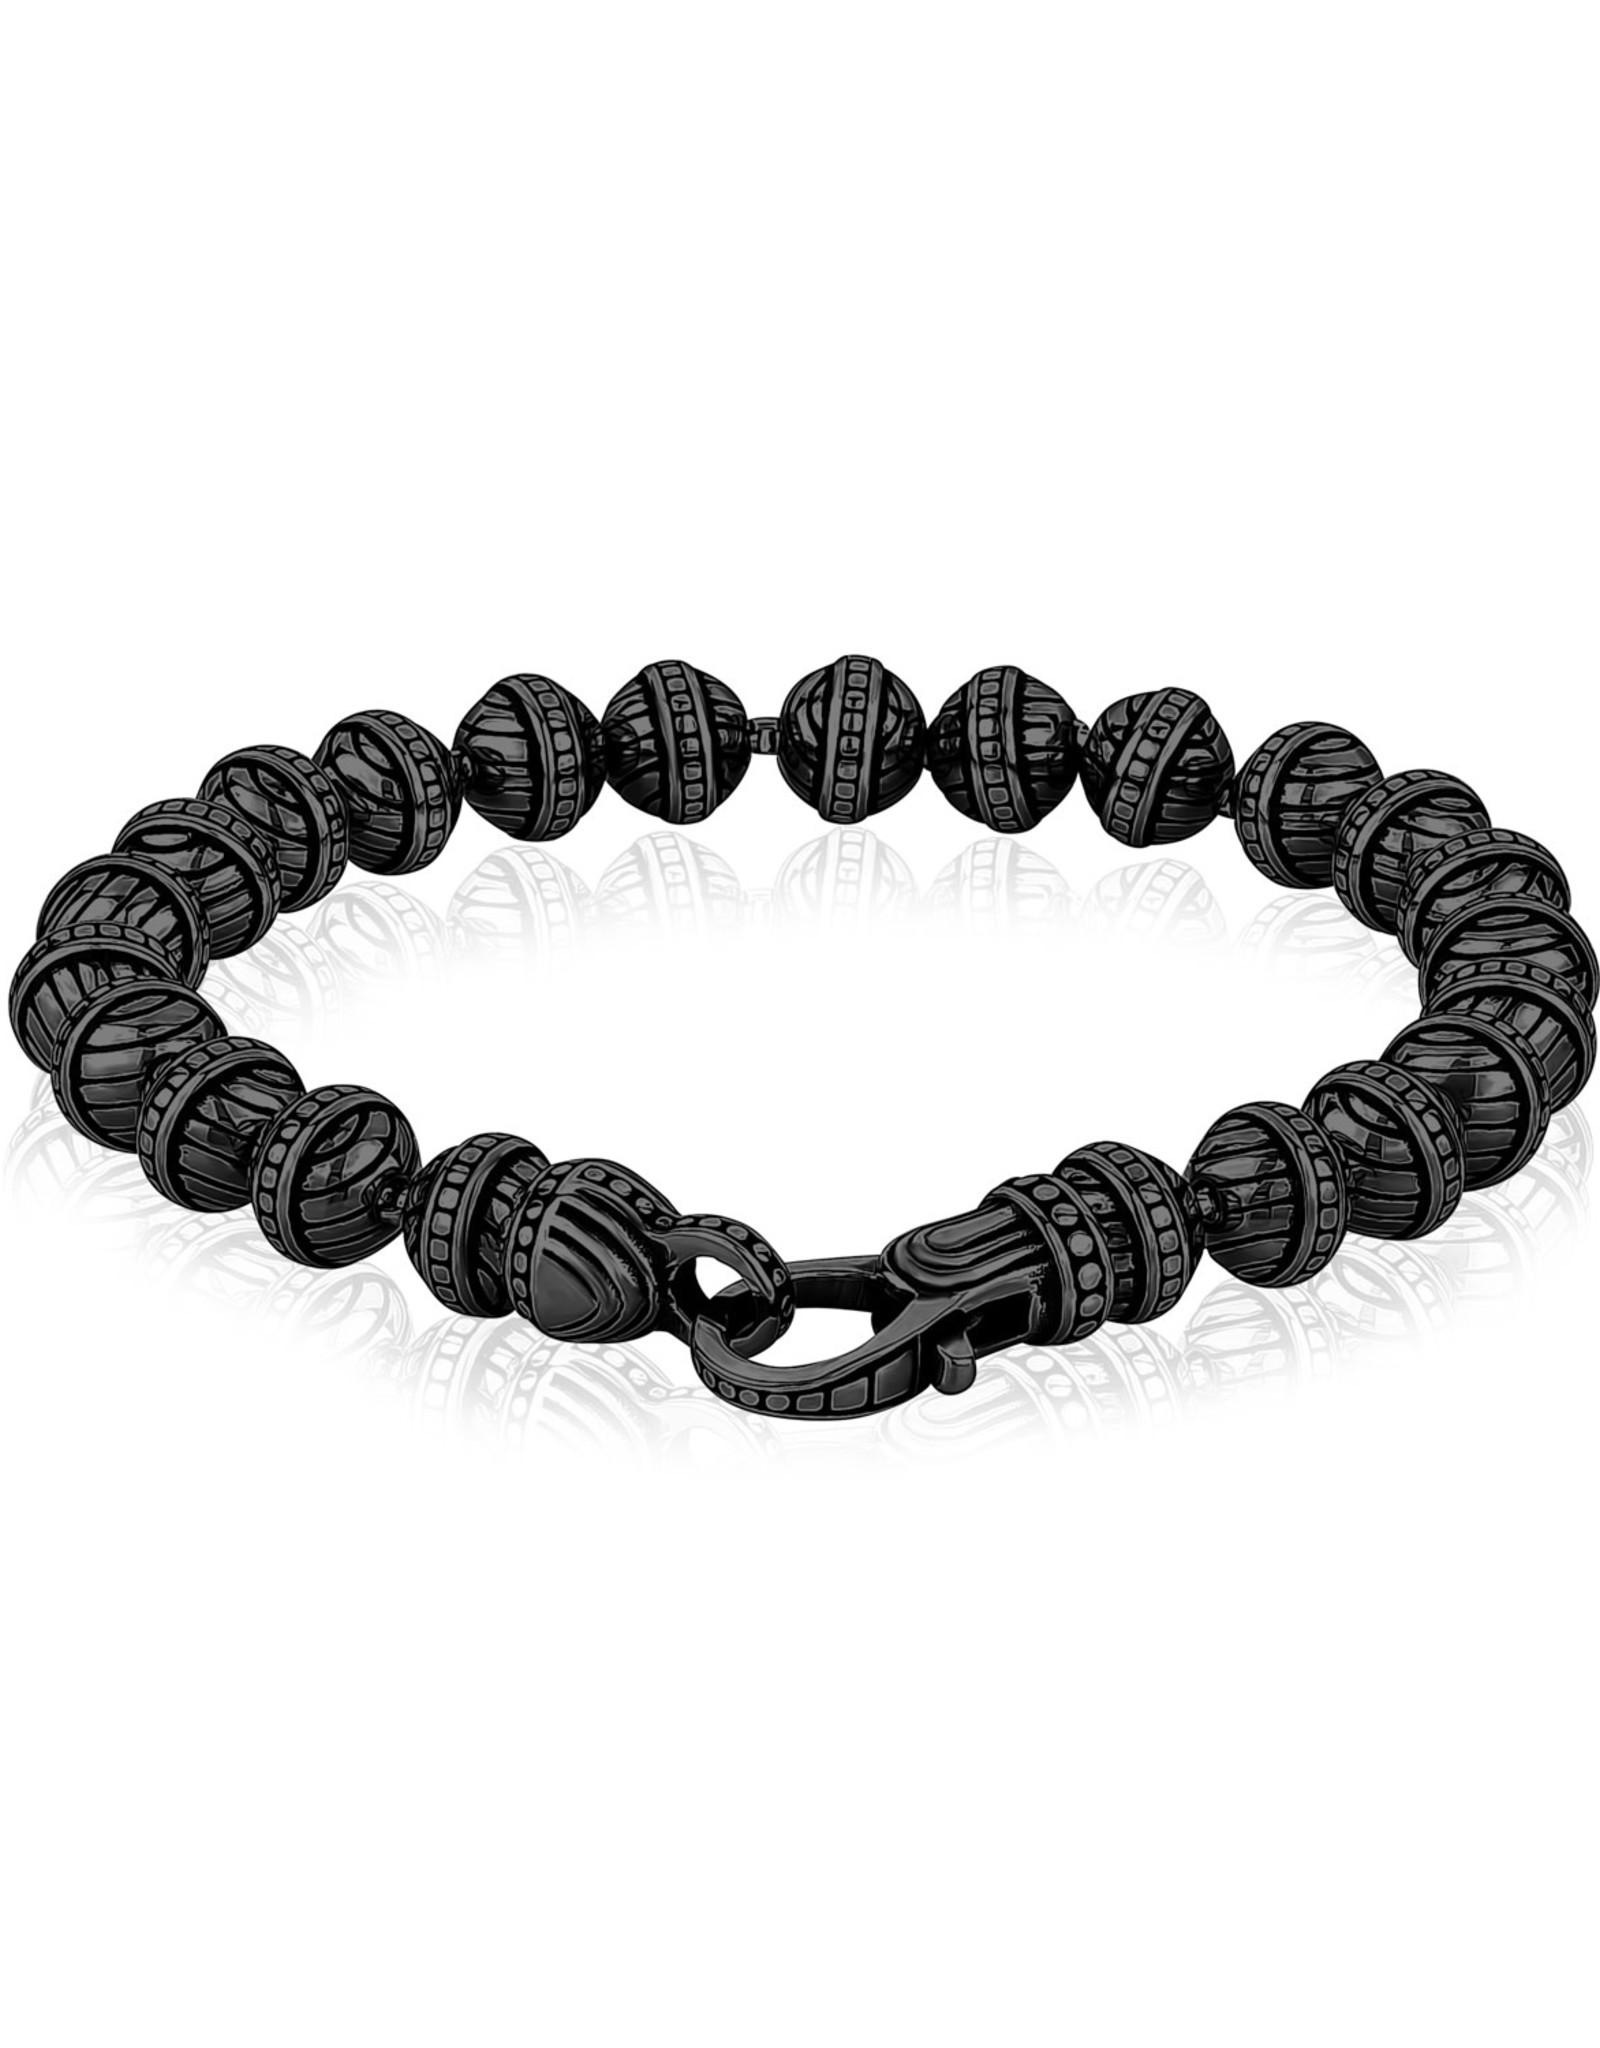 A.R.Z Steel Bracelet - Billes noir 6mm en acier inoxydable